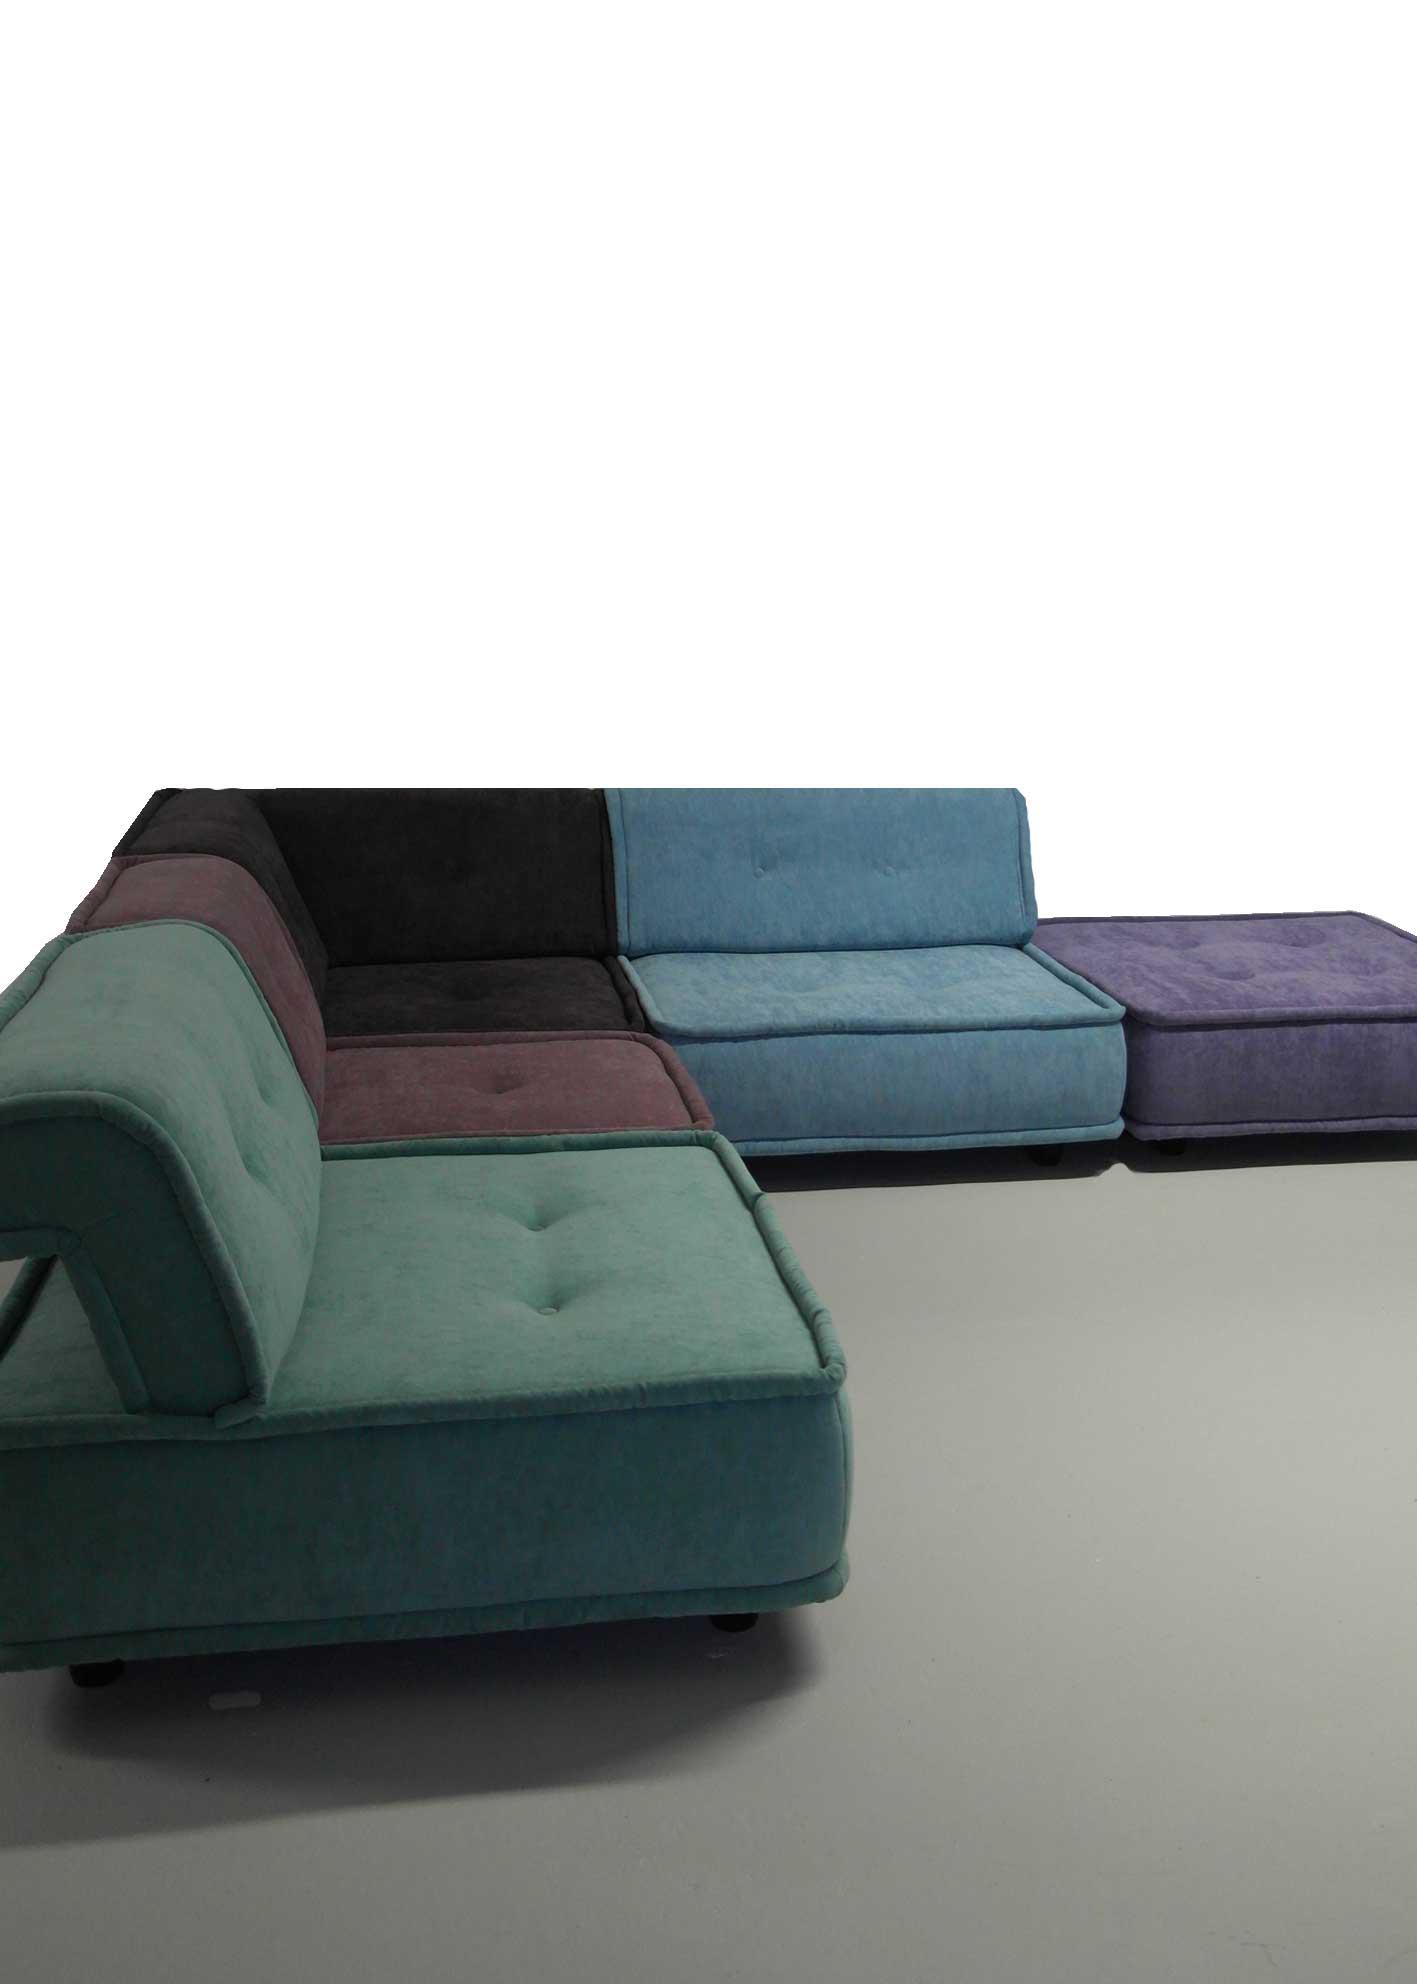 Verrassend Iste elementenbank - Kleur op Kleur Interieur OK-89